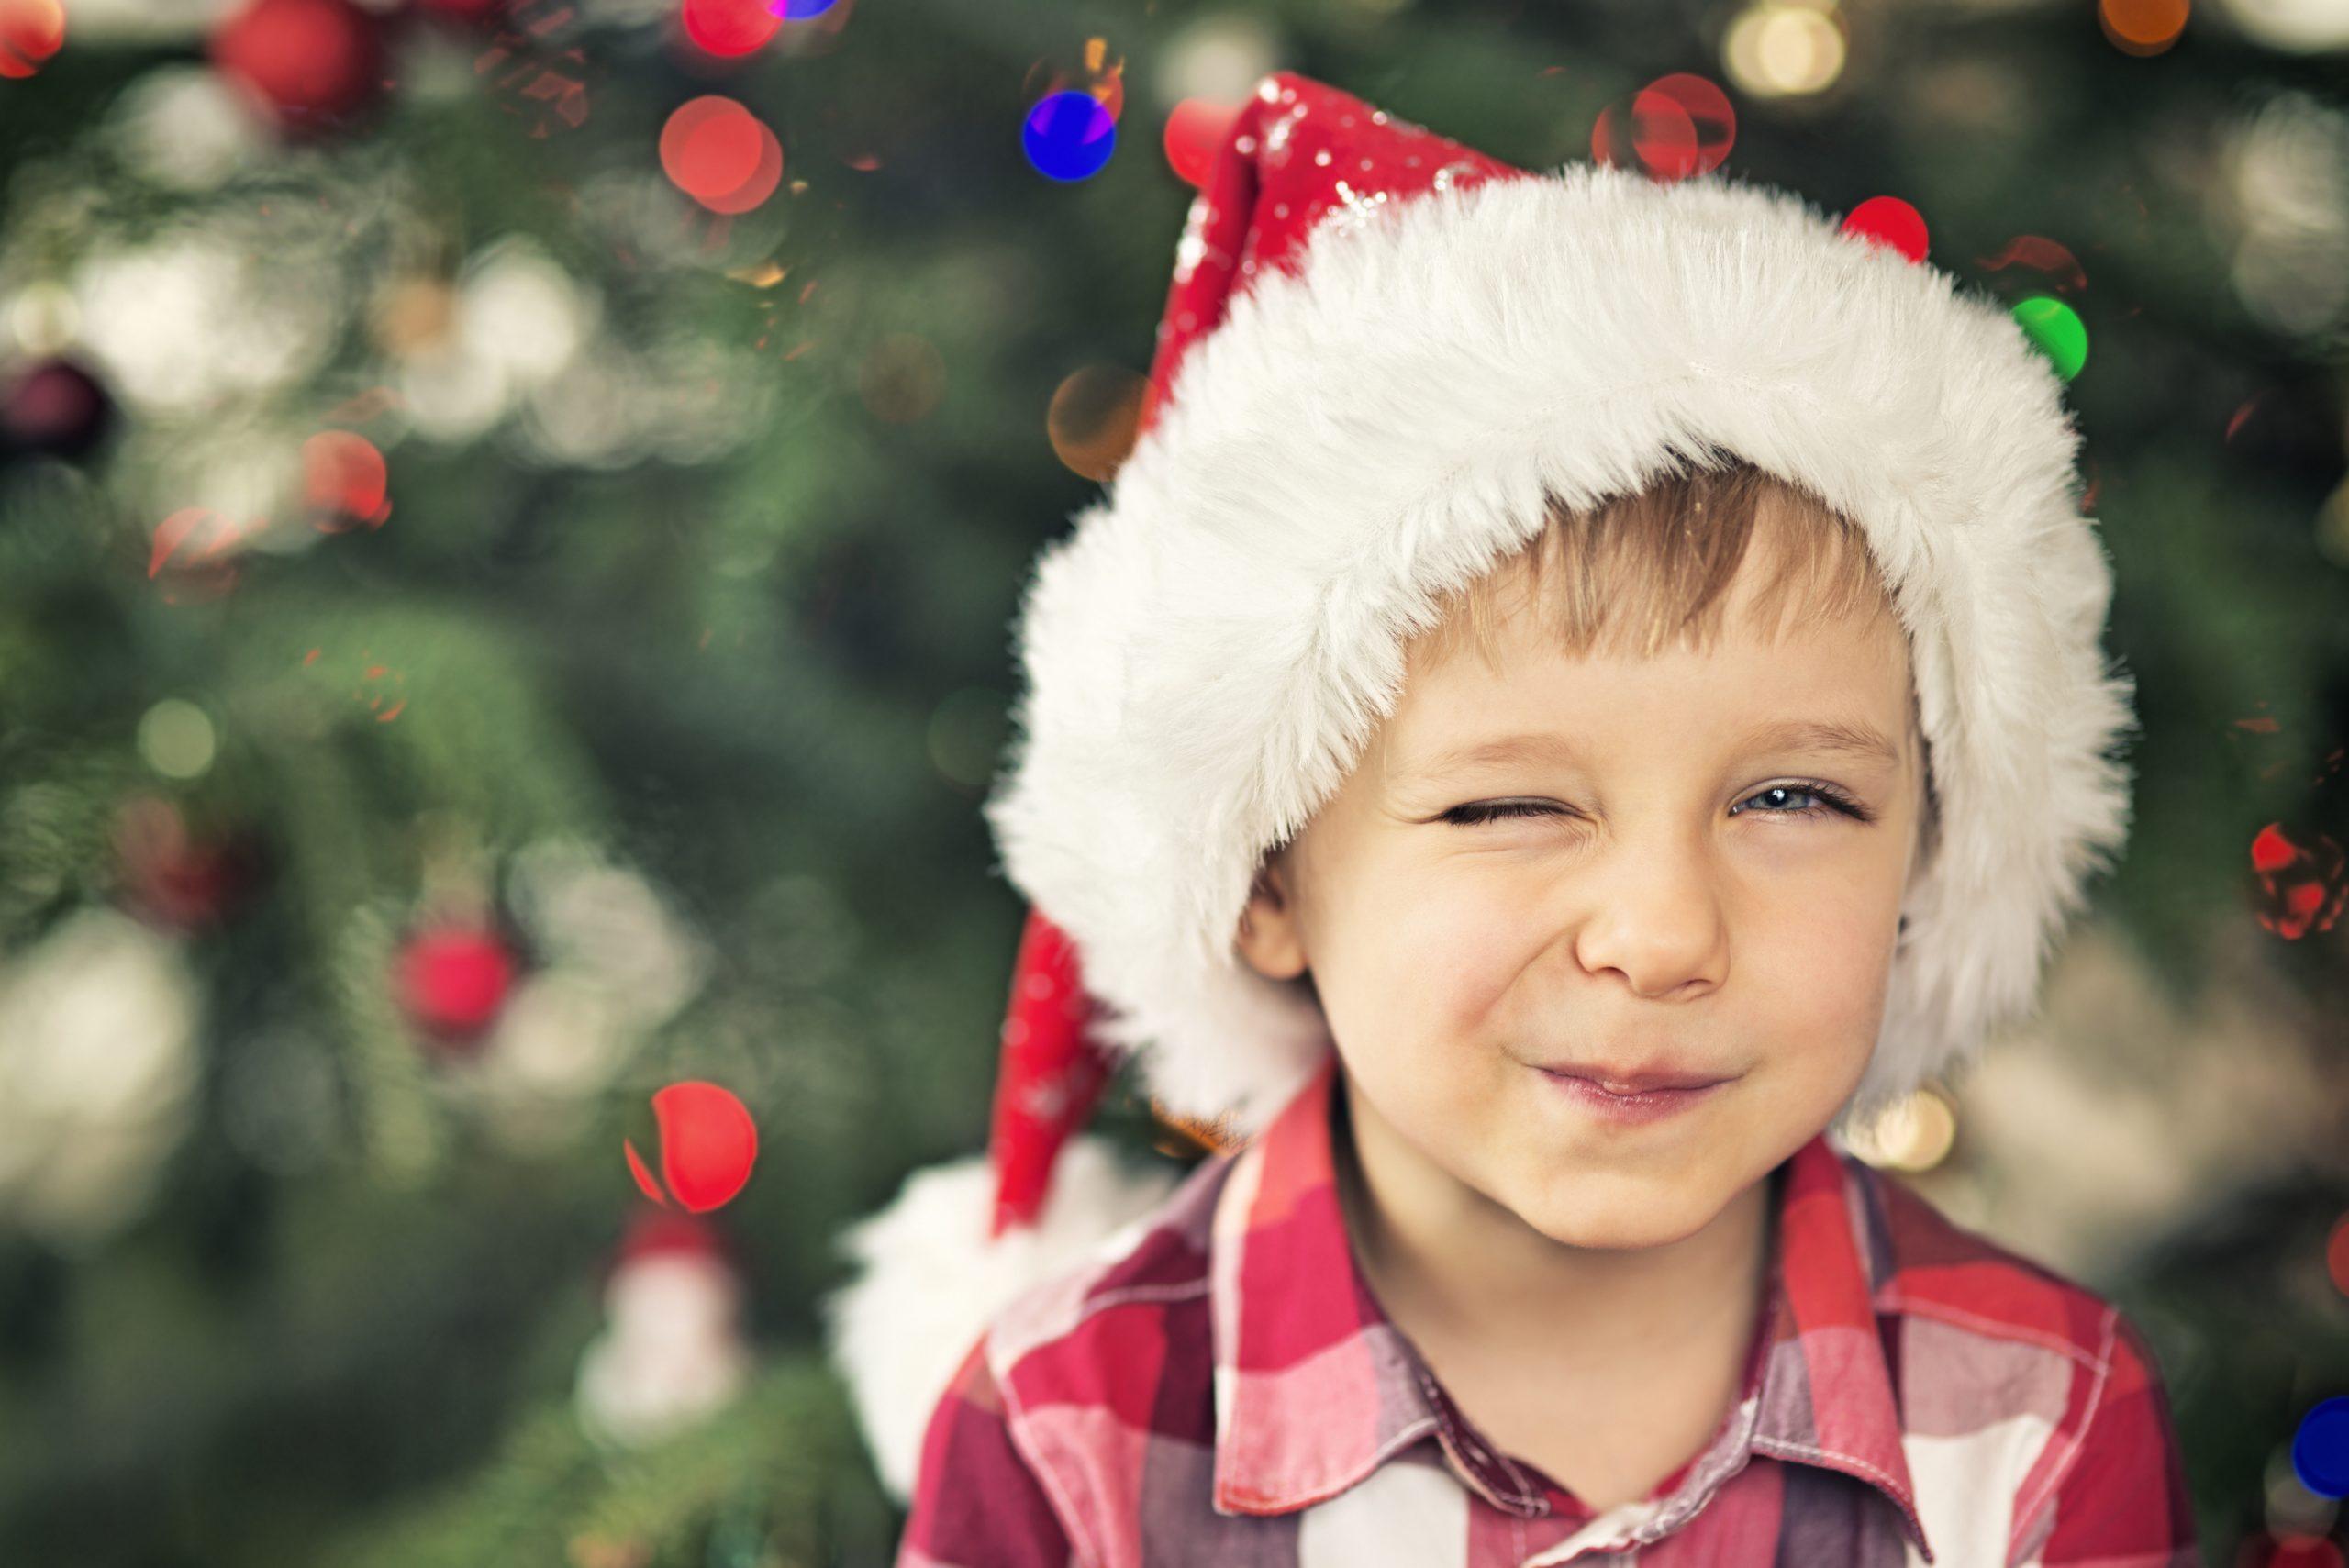 Weihnachten Kindergarten > Weihnachtsgeschichten > Basteln über Weihnachten Für Kindergartenkinder